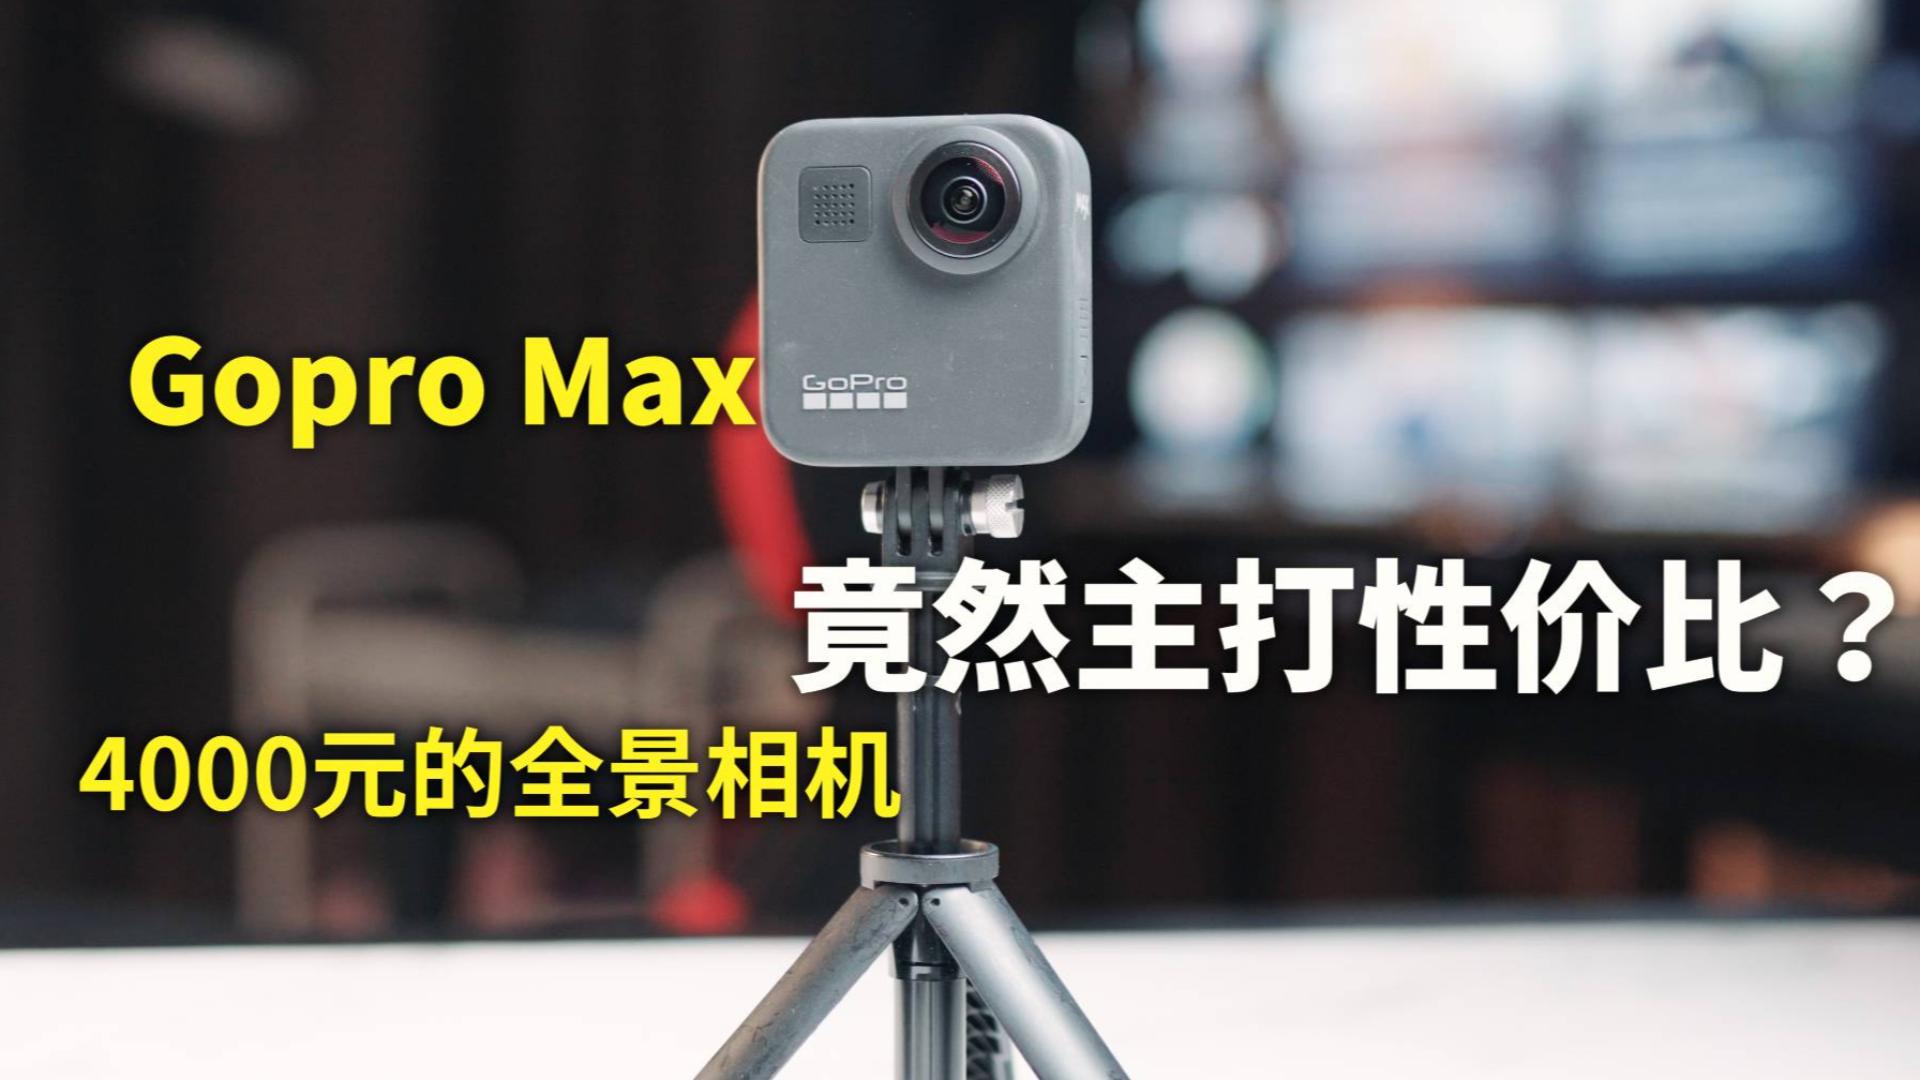 【乃】Gopro MAX测评完,我总结了四大缺陷